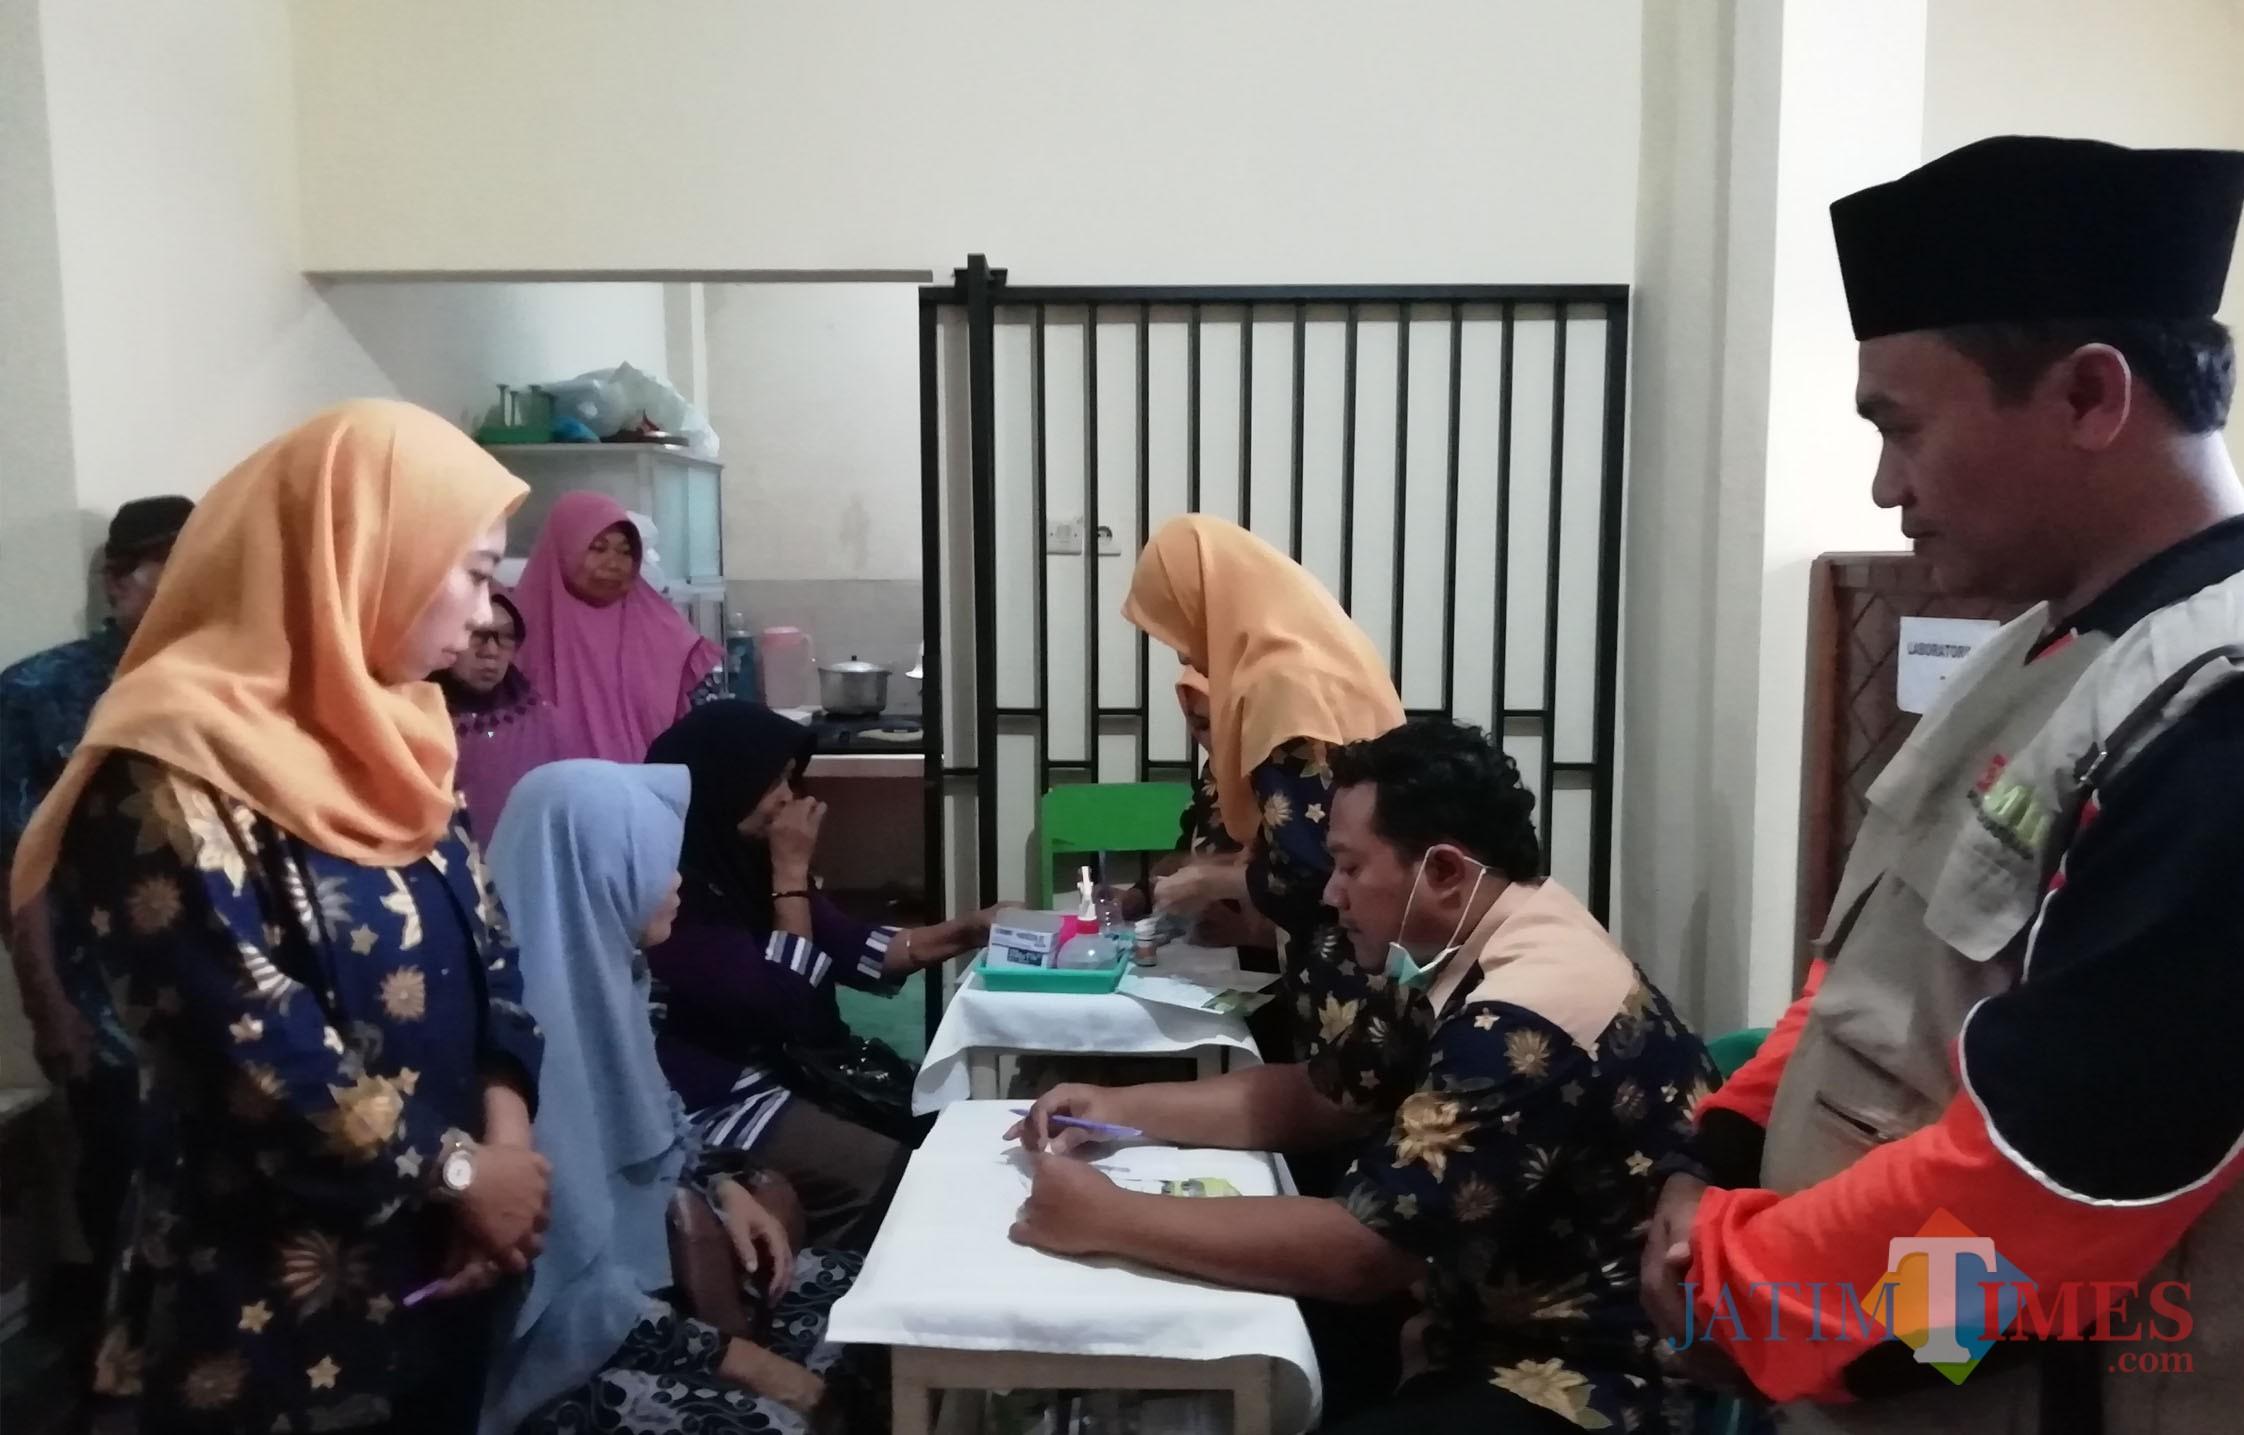 Kiri : Ernis Widyalistanti Ketua Panitia Pengobatan Gratis bersama Ruwiyanto (kanan) dari BMH saat melihat warga cek kesehatan gratis (Nana)